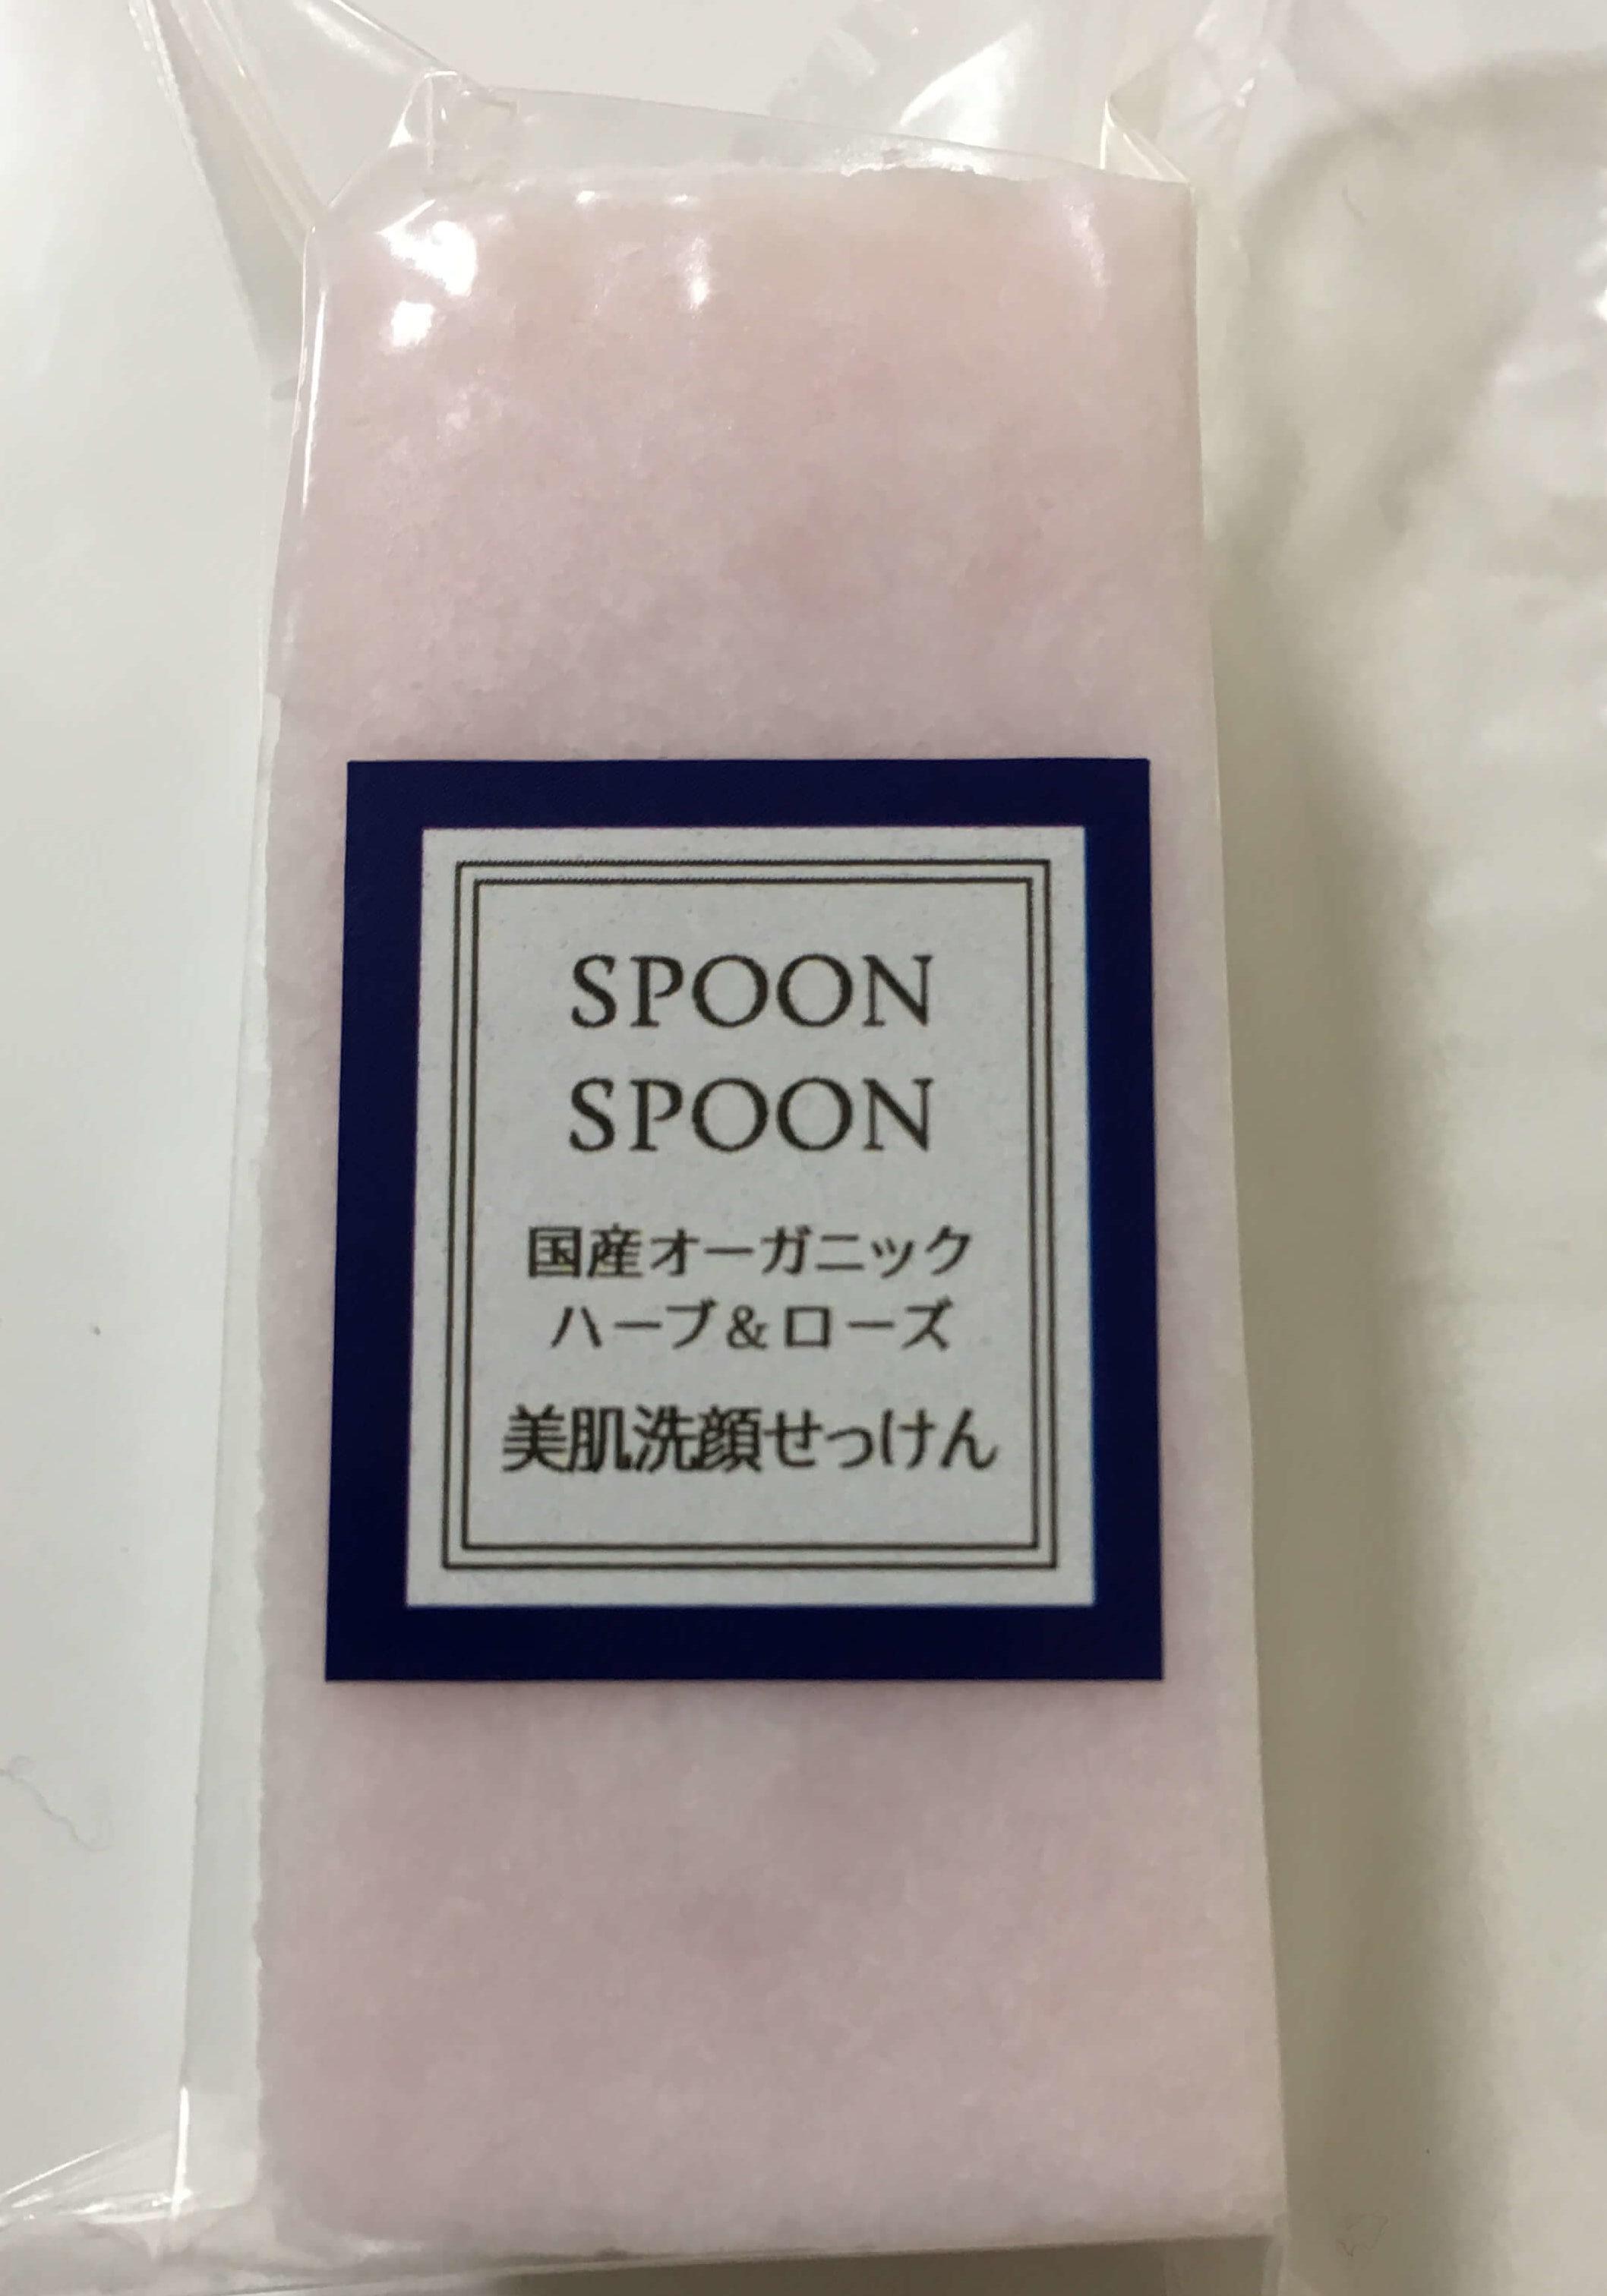 スプーン・スプーンの洗顔石鹸